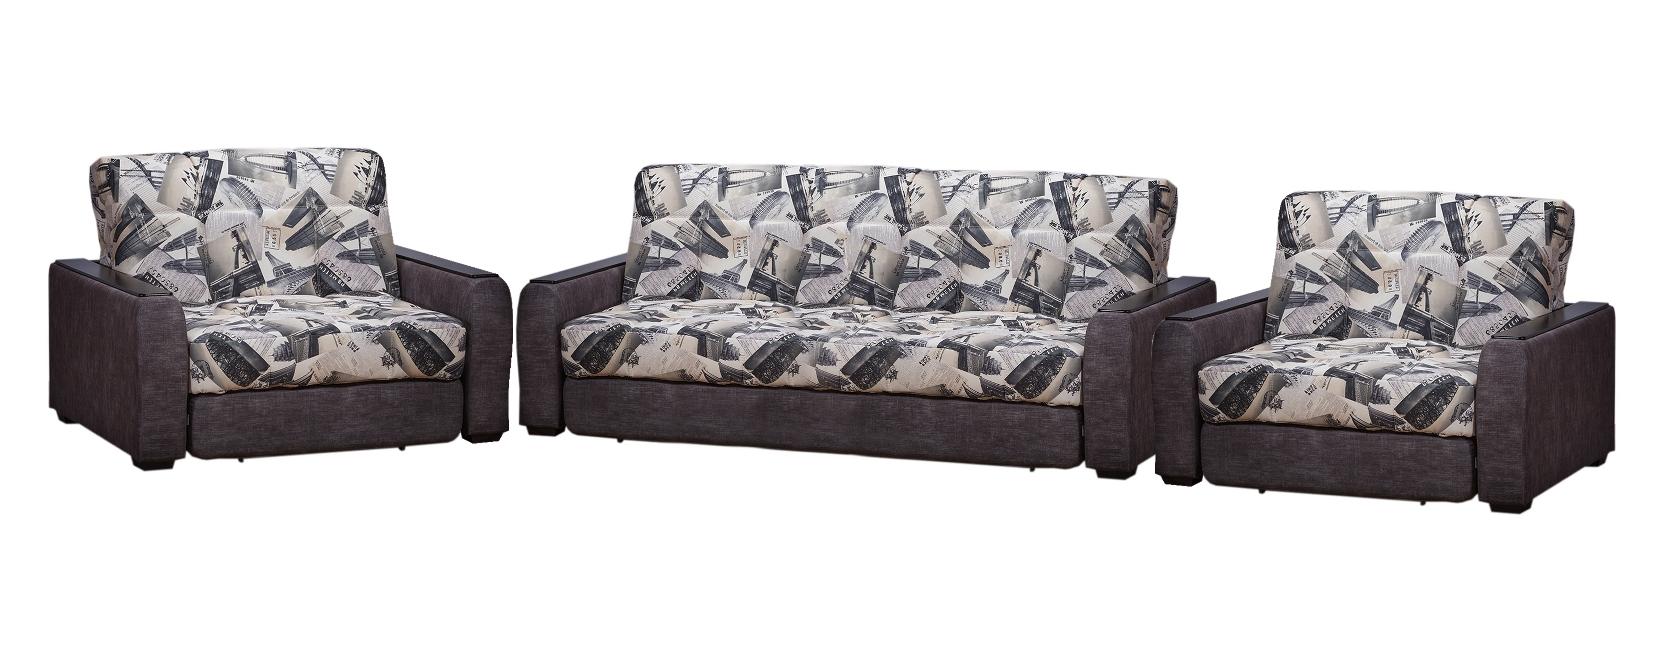 Комплект мягкой мебели ГадарКомплекты мягкой мебели<br>Размер дивана: 160х115х95<br>Размер кресла: 110х115х95<br><br>Механизм: Аккордеон<br>Каркас: Металлический<br>Полный размер (ДхГхВ): 160х115х95<br>Спальное место: 120х200<br>Доступны другие размеры: 180/200/220х115х95 (сп. место: 140/155/180х200)<br>Размер кресла: 110/120/130х115х95 (сп. место: 70/80/90х200)<br>Наполнитель: ППУ высокой плотности, Ортопедическое основание<br>Комплектация: Ящик для белья<br>Примечание: Стоимость указана по минимальной категории ткани. Мебель может быть изготовлена в двух исполнениях: СТАНДАТ и ЛЮКС<br>Изготовление и доставка: 5-14 рабочих дней, в зависимости от обивки<br>Условия доставки: Бесплатная по Москве до подъезда<br>Условие оплаты: Оплата наличными при получении товара<br>Доставка по МО (за пределами МКАД): 40 руб./км<br>Доставка в пределах ТТК: Доставка в центр Москвы осуществляется ночью, с 22.00 до 6.00 утра<br>Подъем на грузовом лифте: 1400 руб.<br>Подъем без лифта: На первый этаж 1000 руб., выше 750 руб./этаж<br>Сборка: 800 руб.<br>Гарантия: 12 месяцев<br>Производство: Россия<br>Производитель: Фиеста